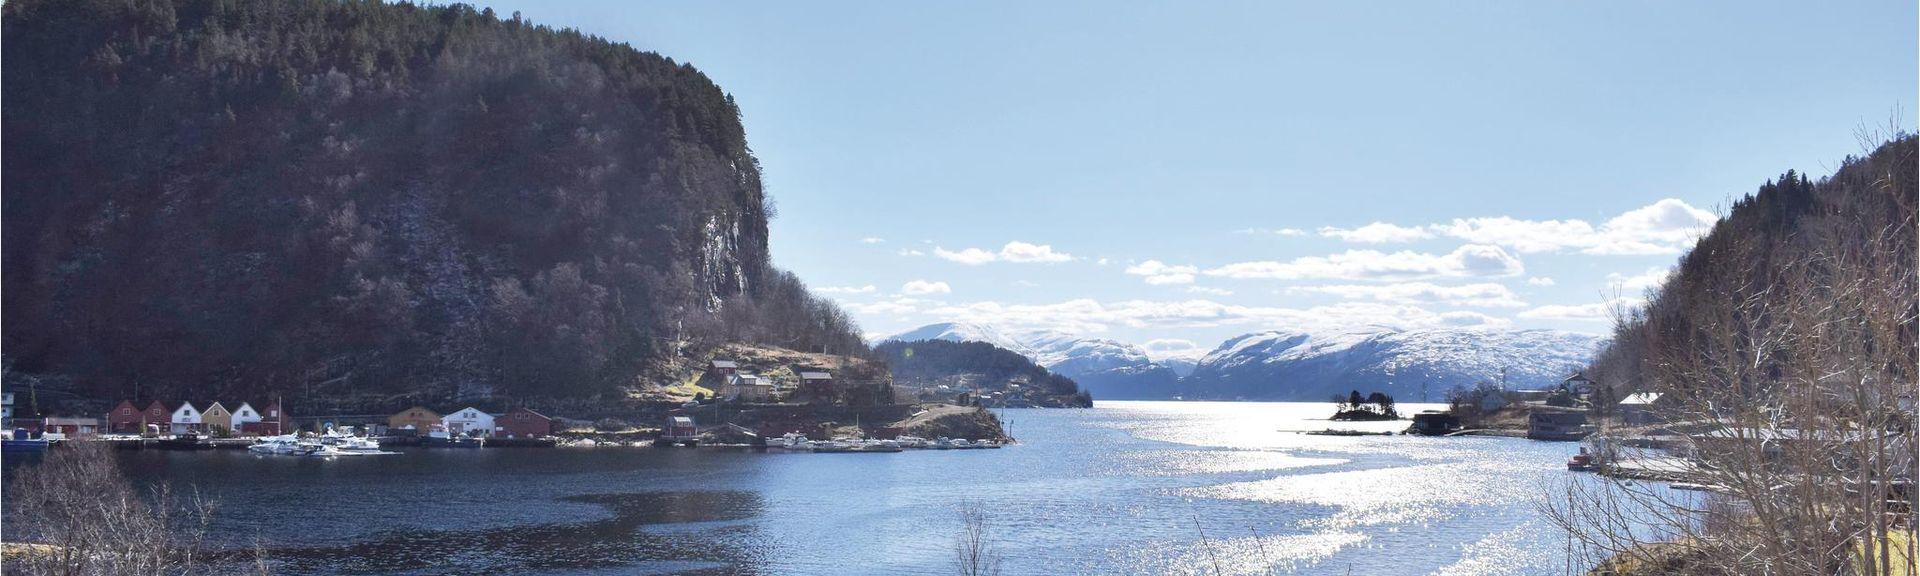 Eivindvik, Norway